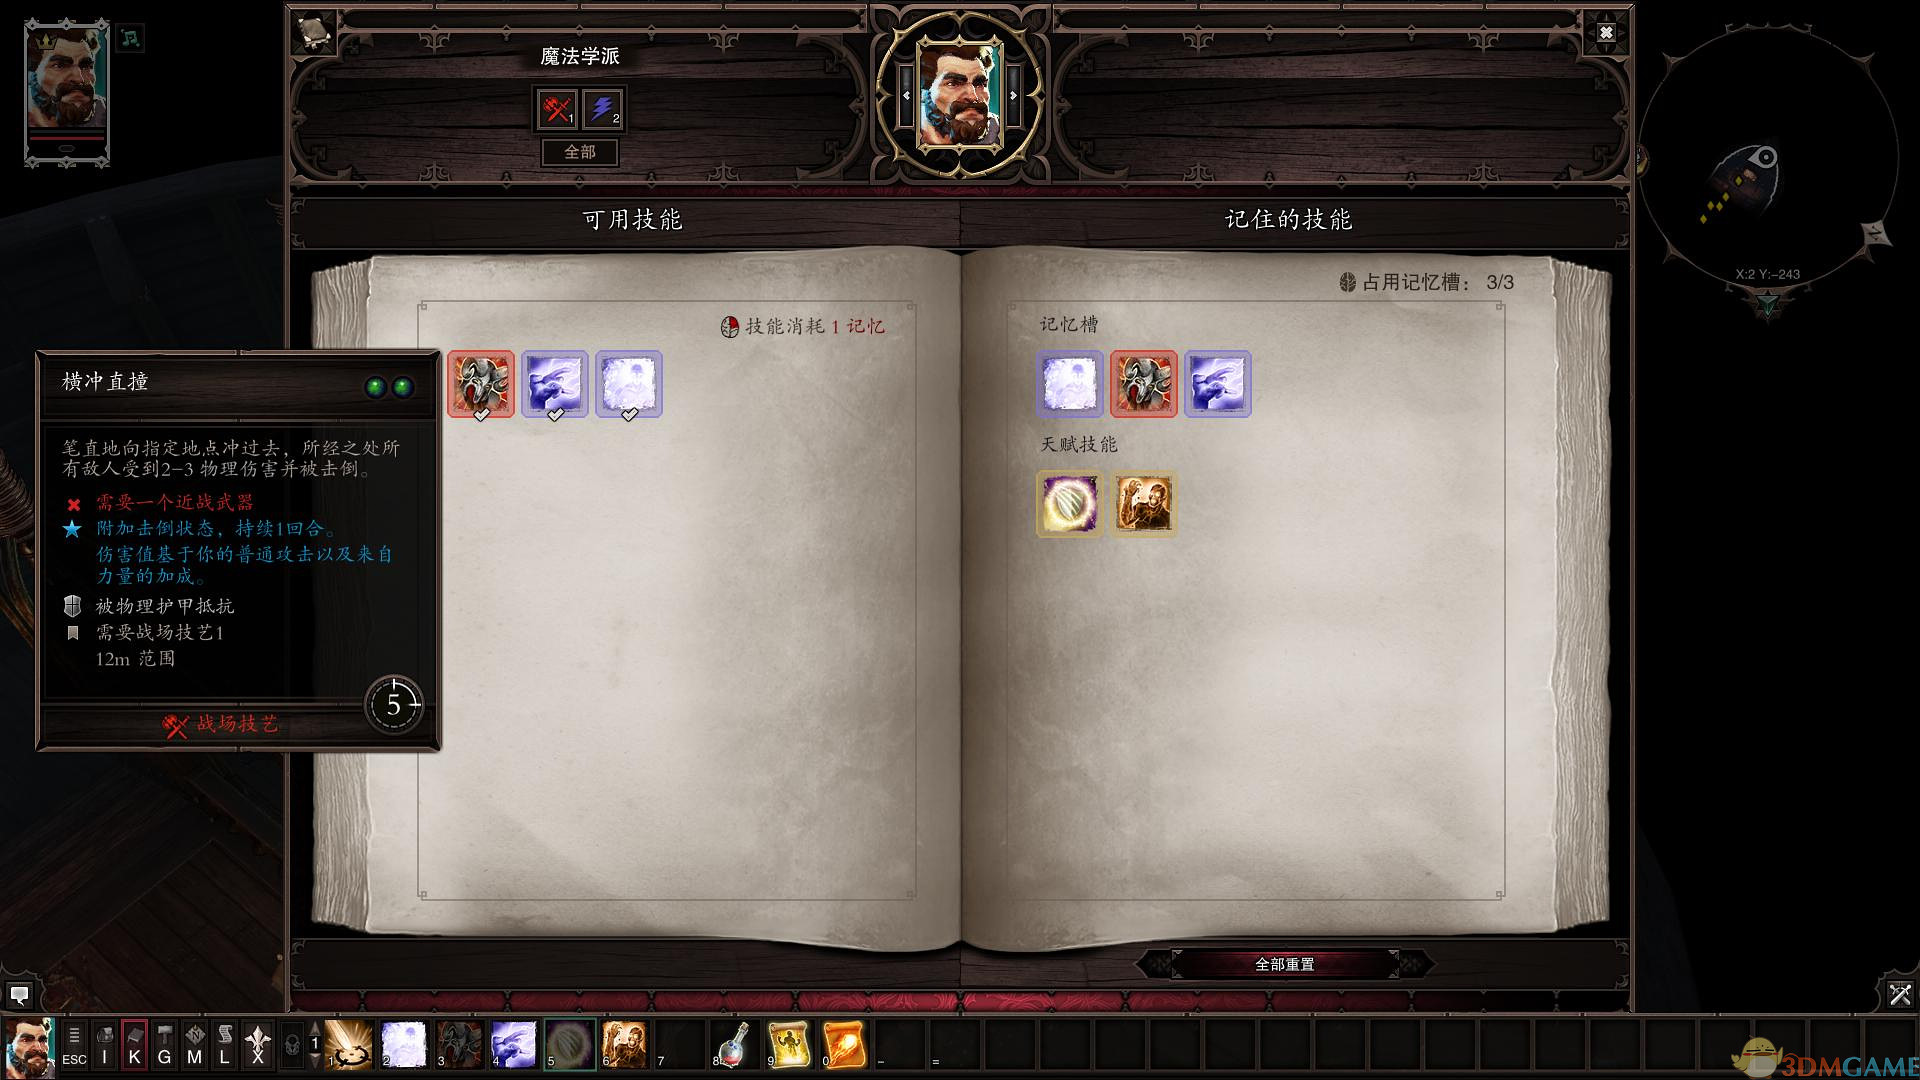 神界:原罪2 v3.0.226.993升级档+官中+未加密补丁[3DM]